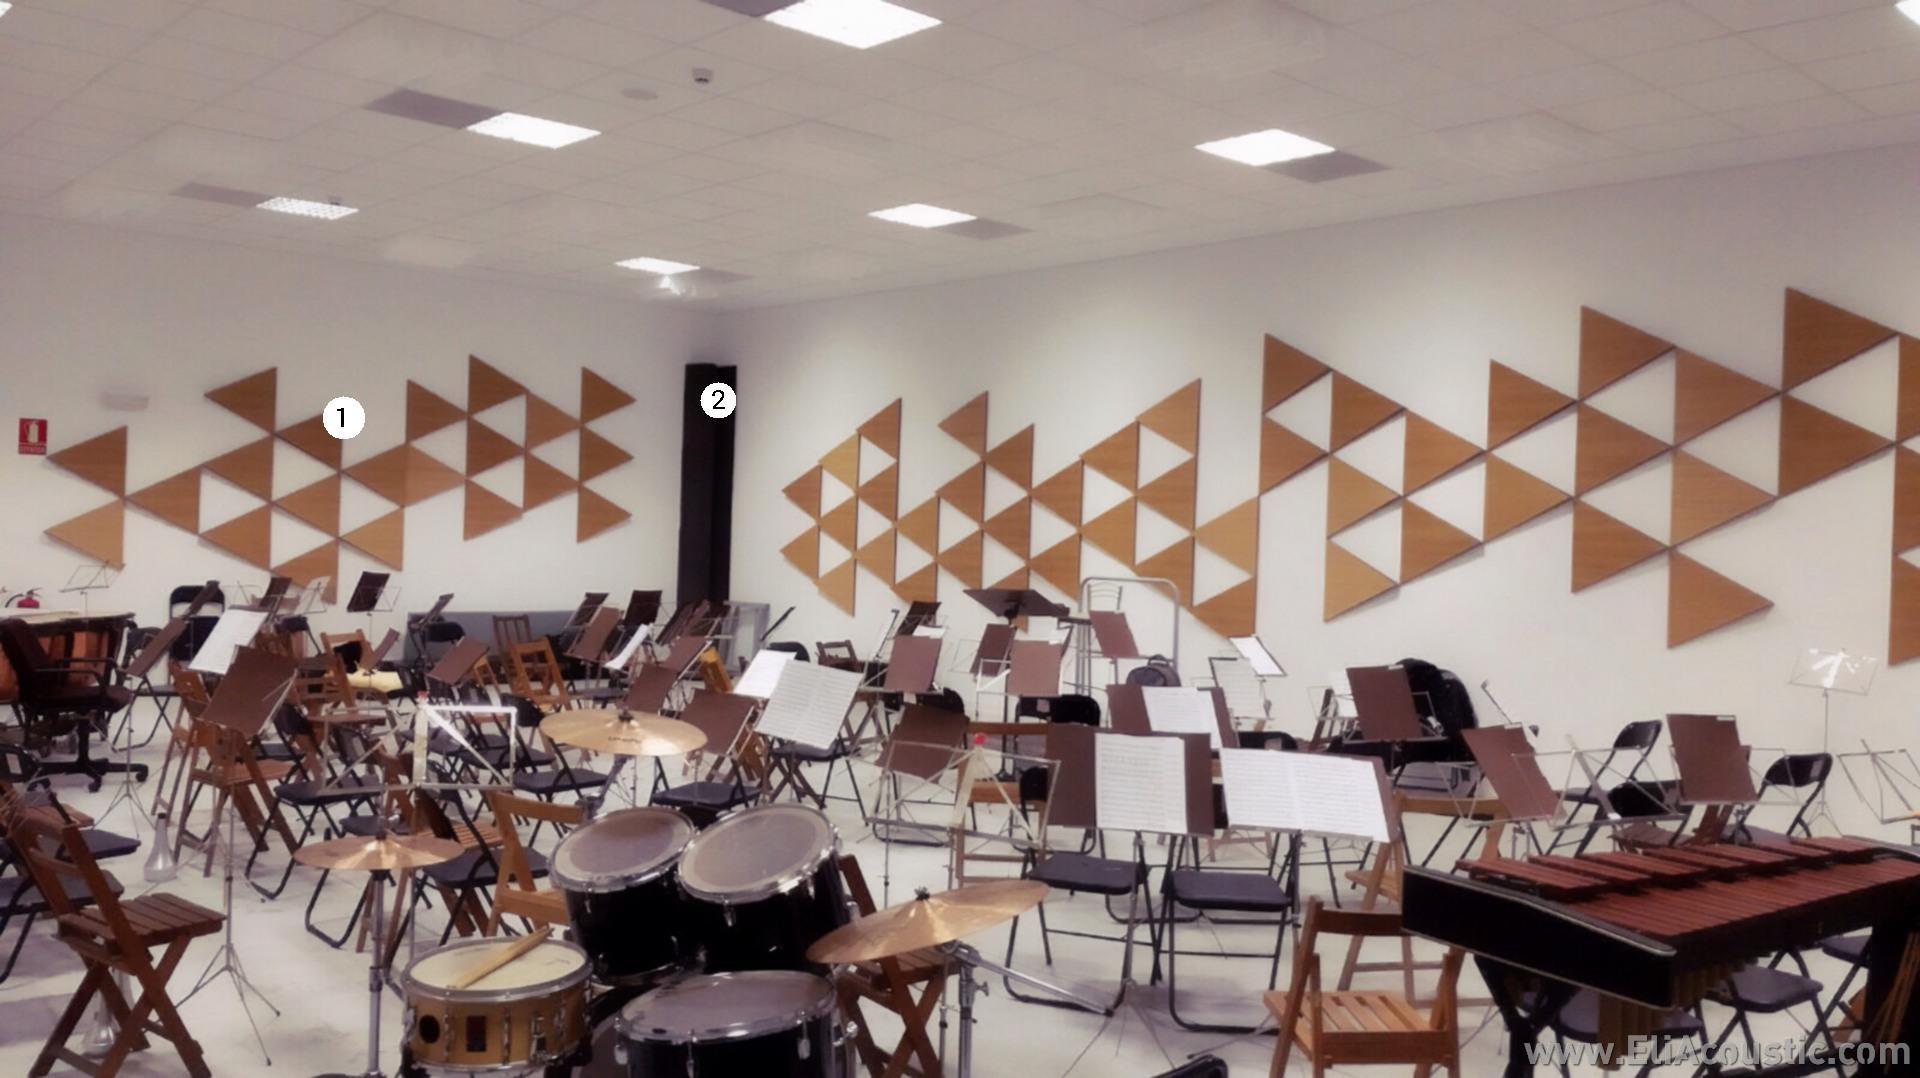 Mejorar la acustica con paneles acusticos decorativos en escuela de musica